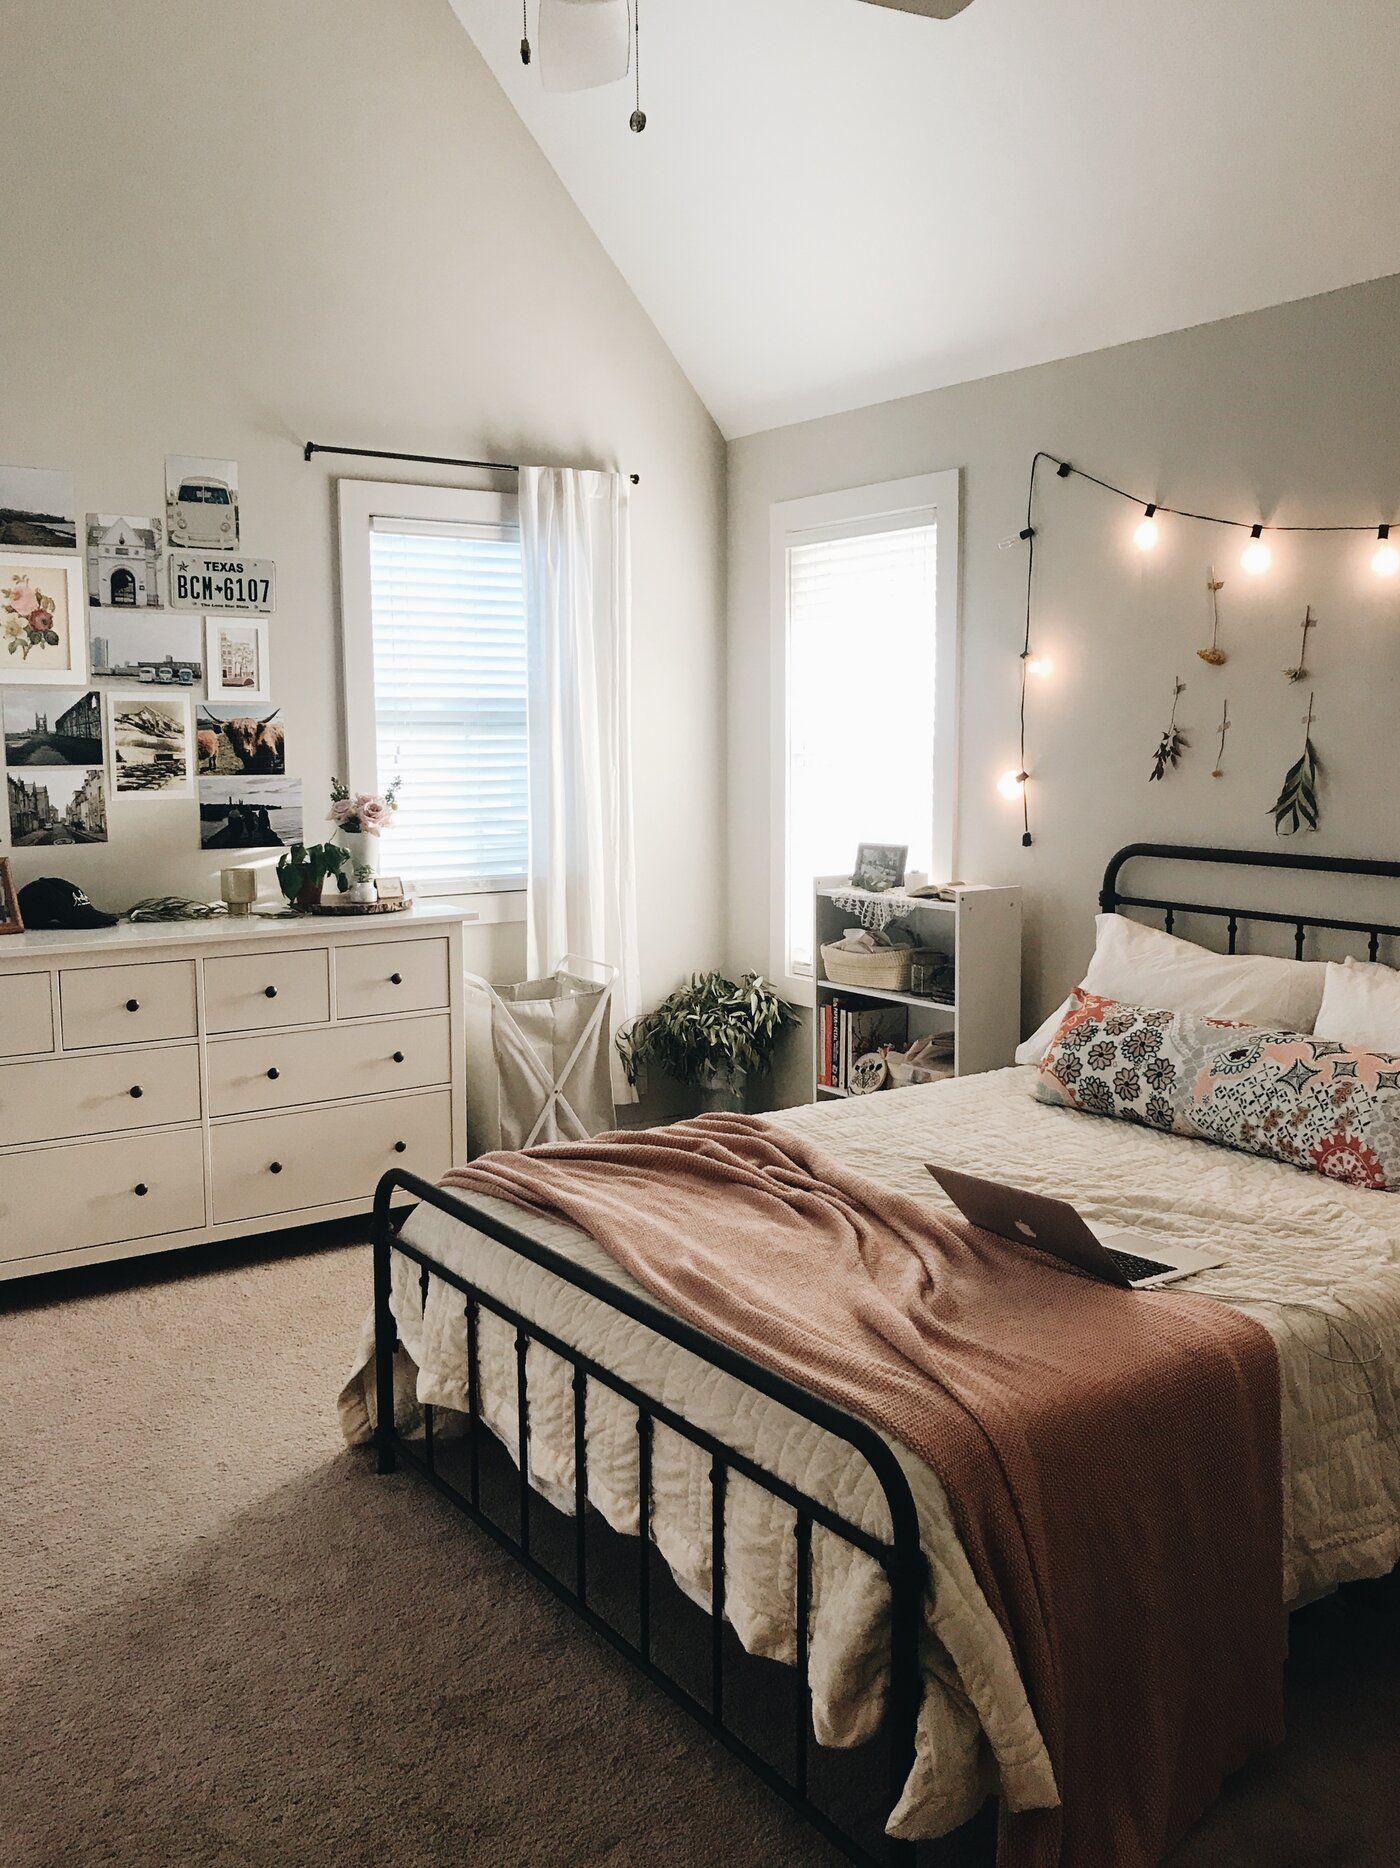 Matheney Platform Bed #bedroomideas